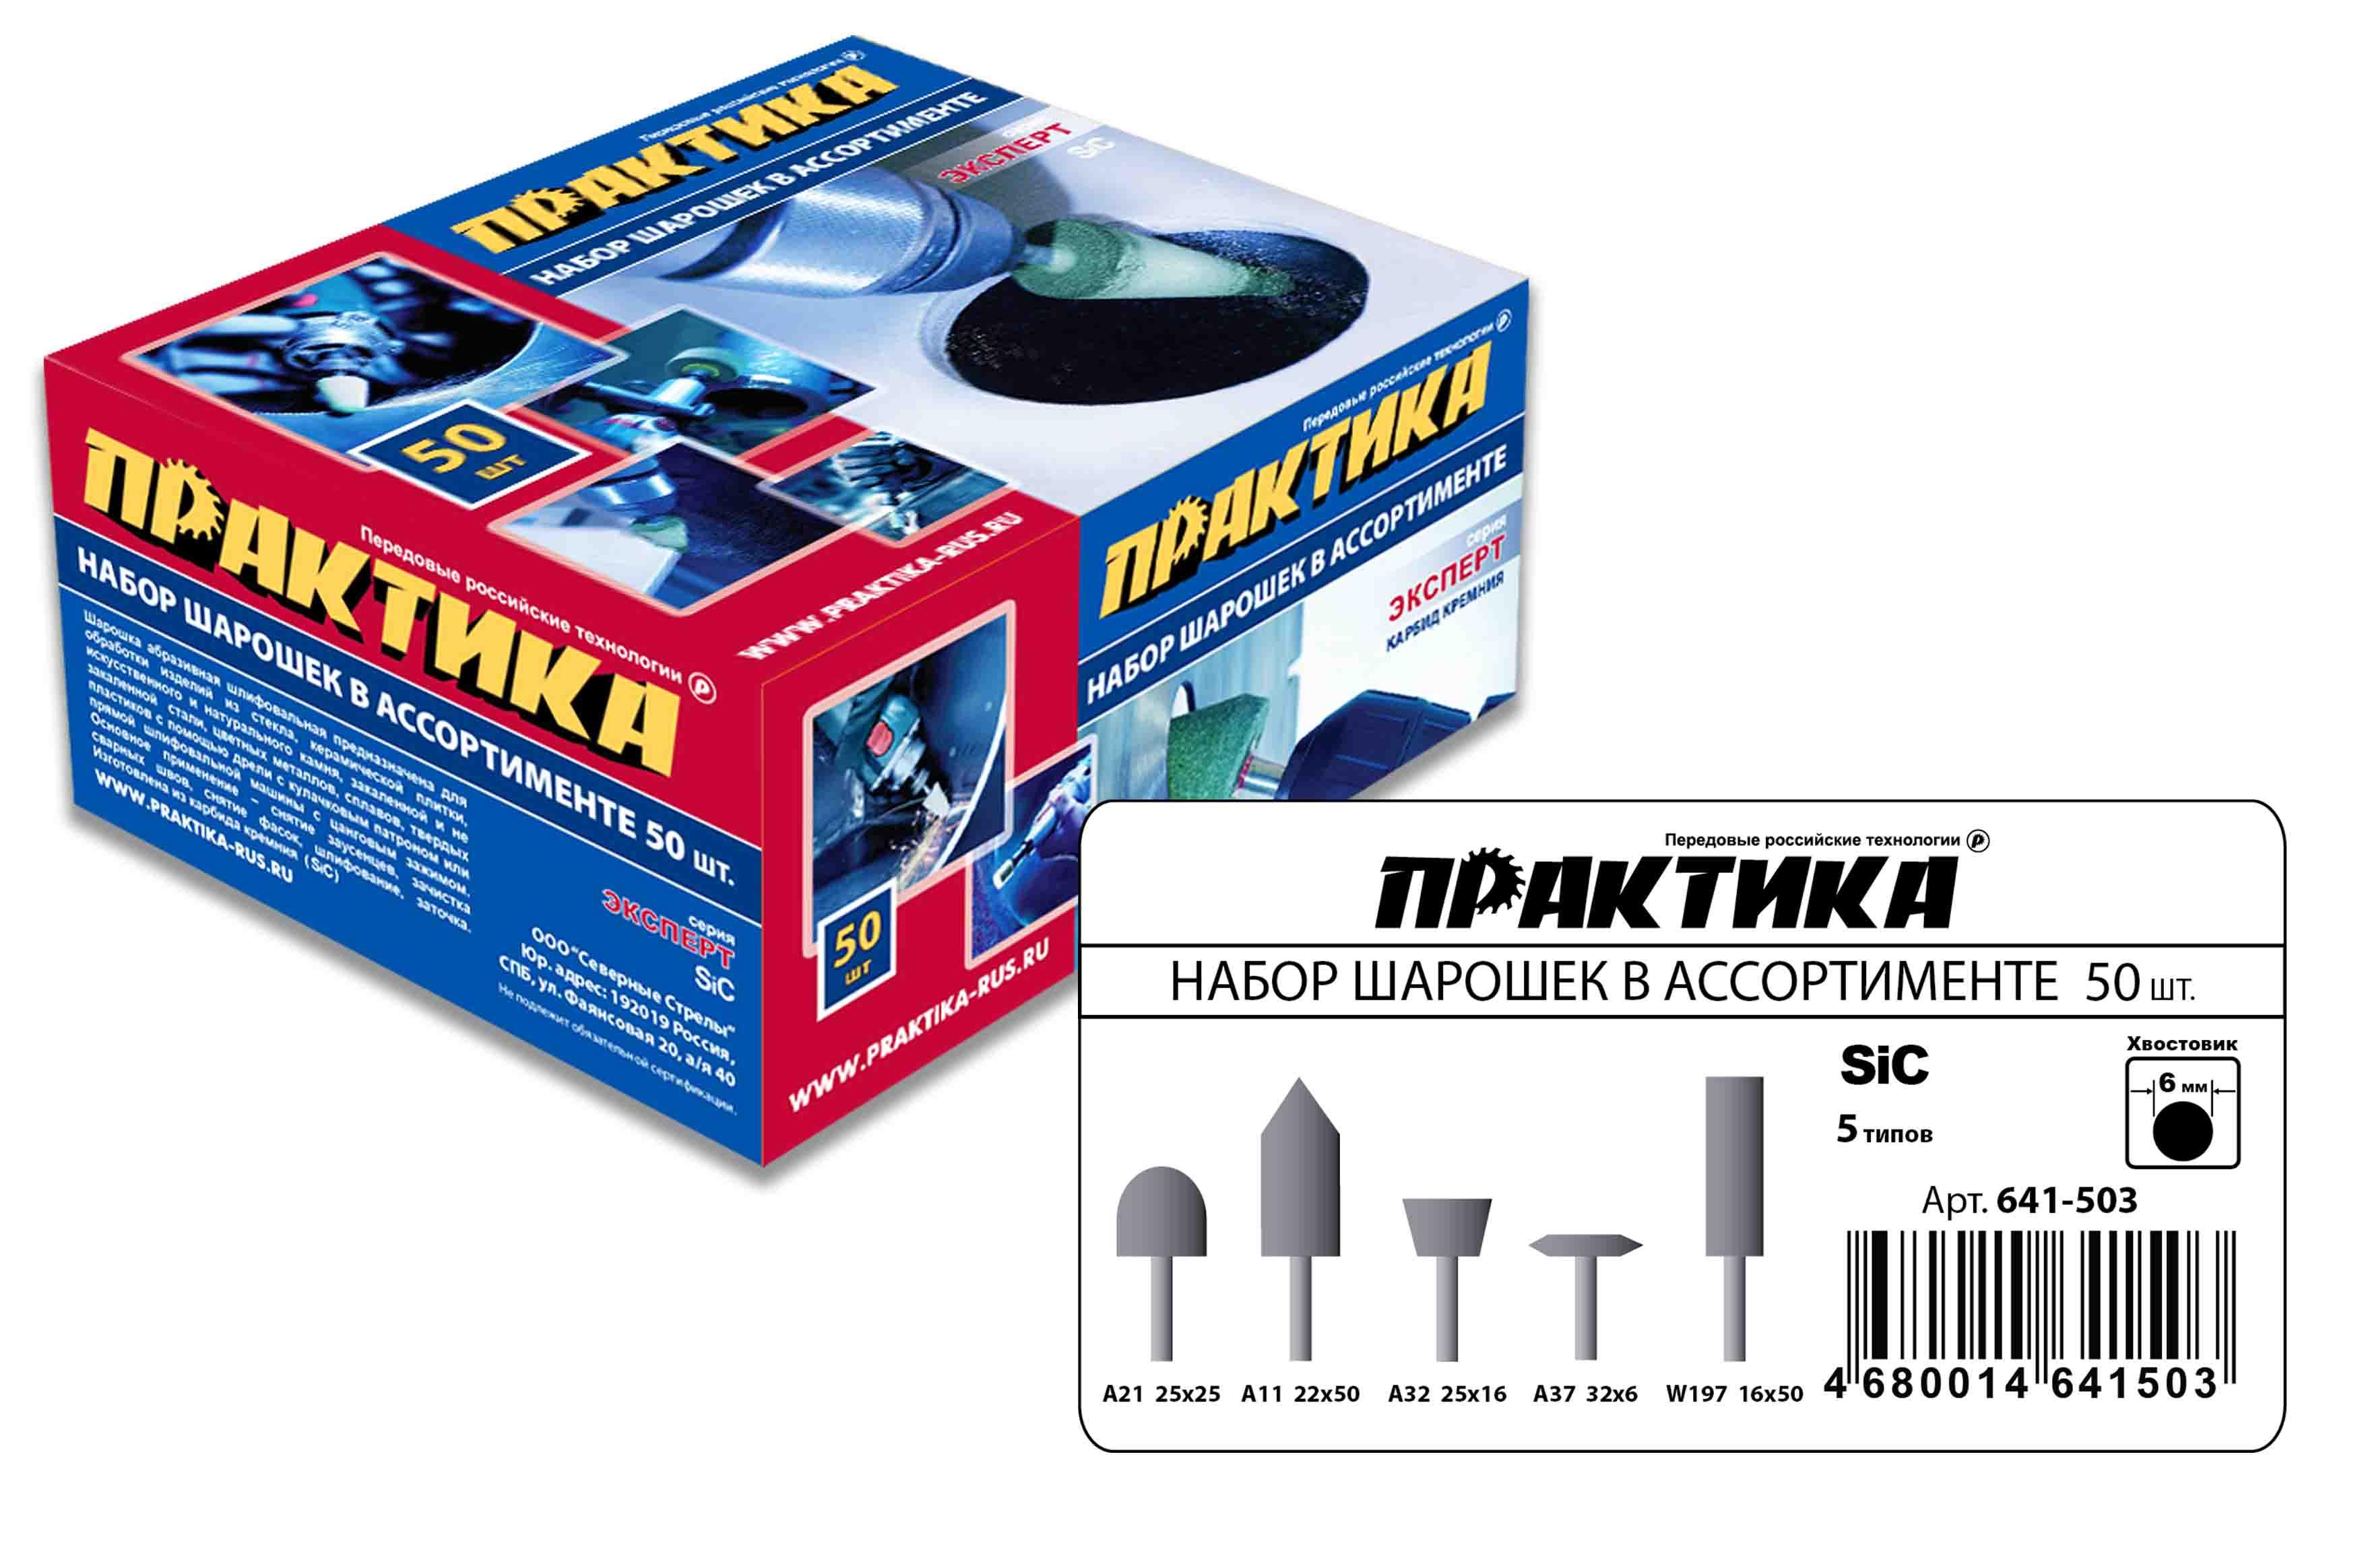 Набор шарошек ПРАКТИКА 641-503 электрощипцы для волос valera conix 13 25mm 641 02